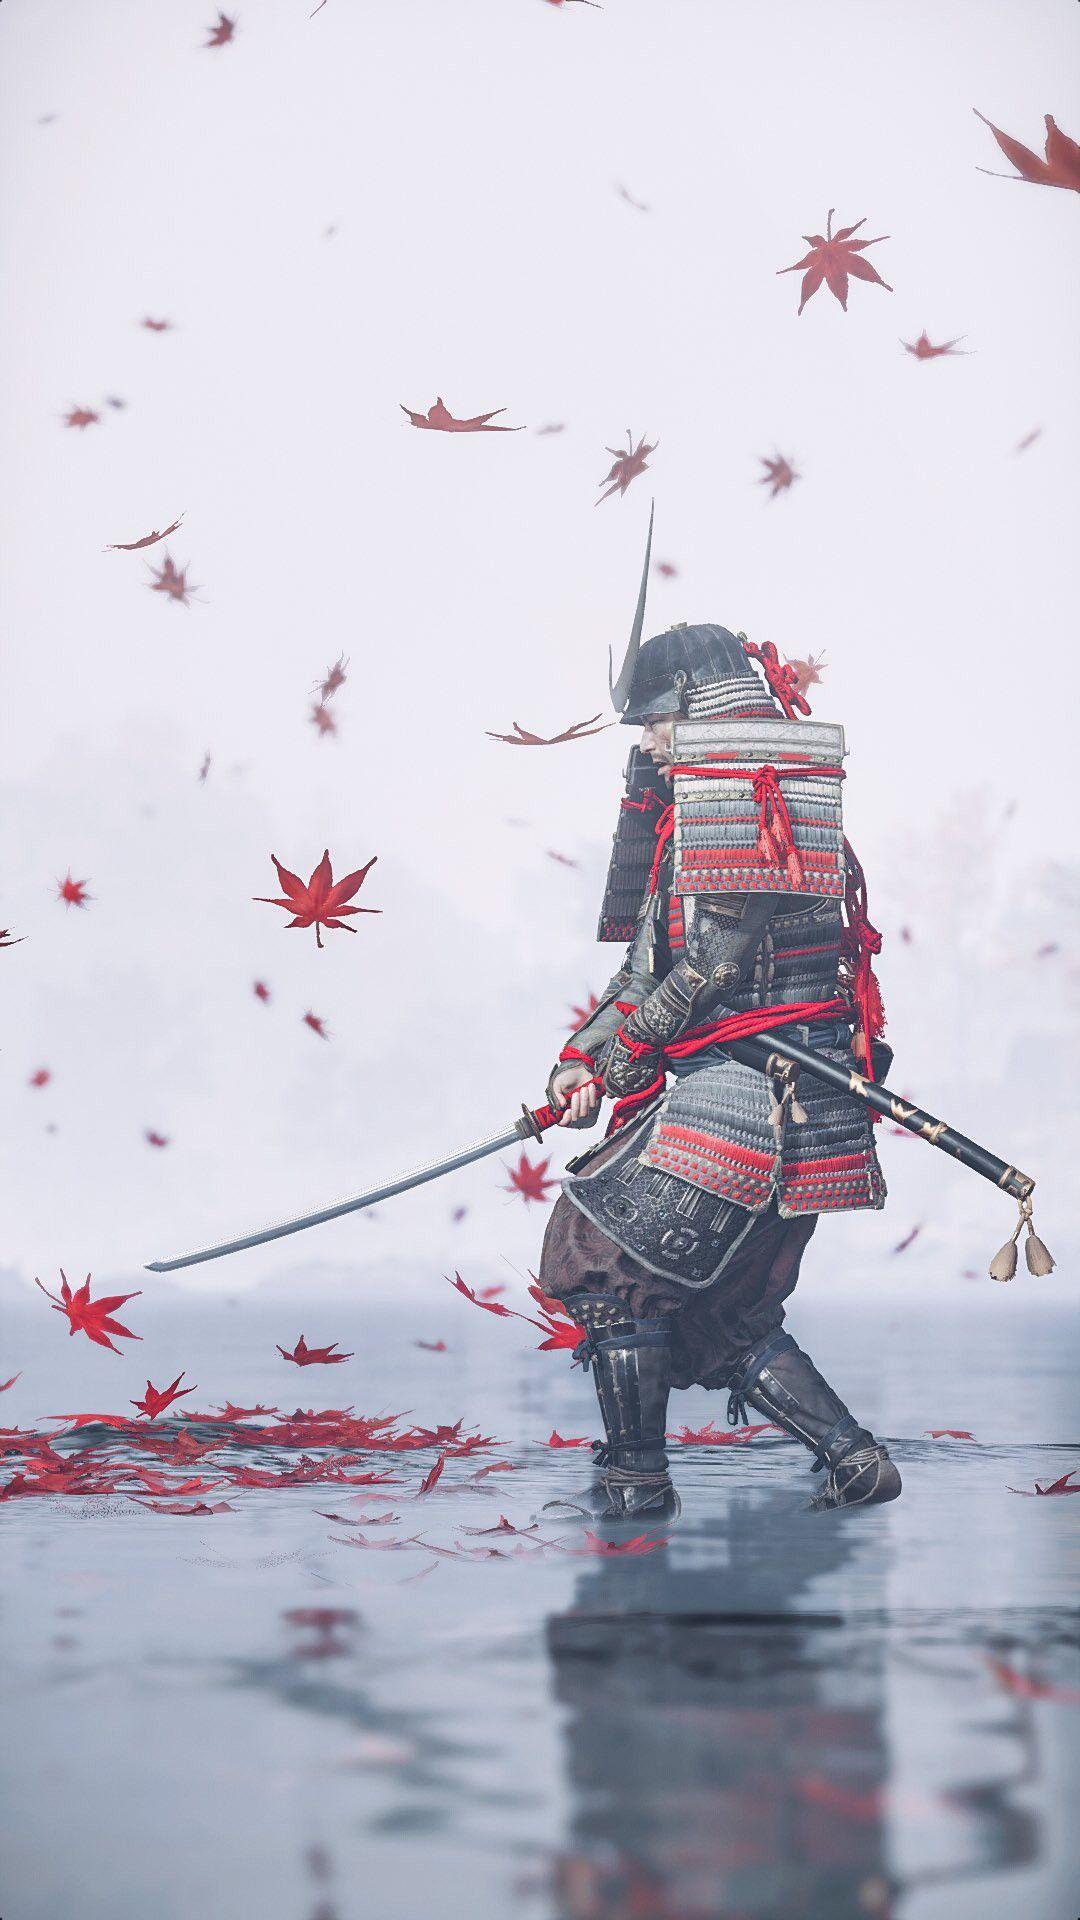 Ghost Of Tsushima Hd Wallpaper Samurai Guerreiro Armadura Samurai Samurai